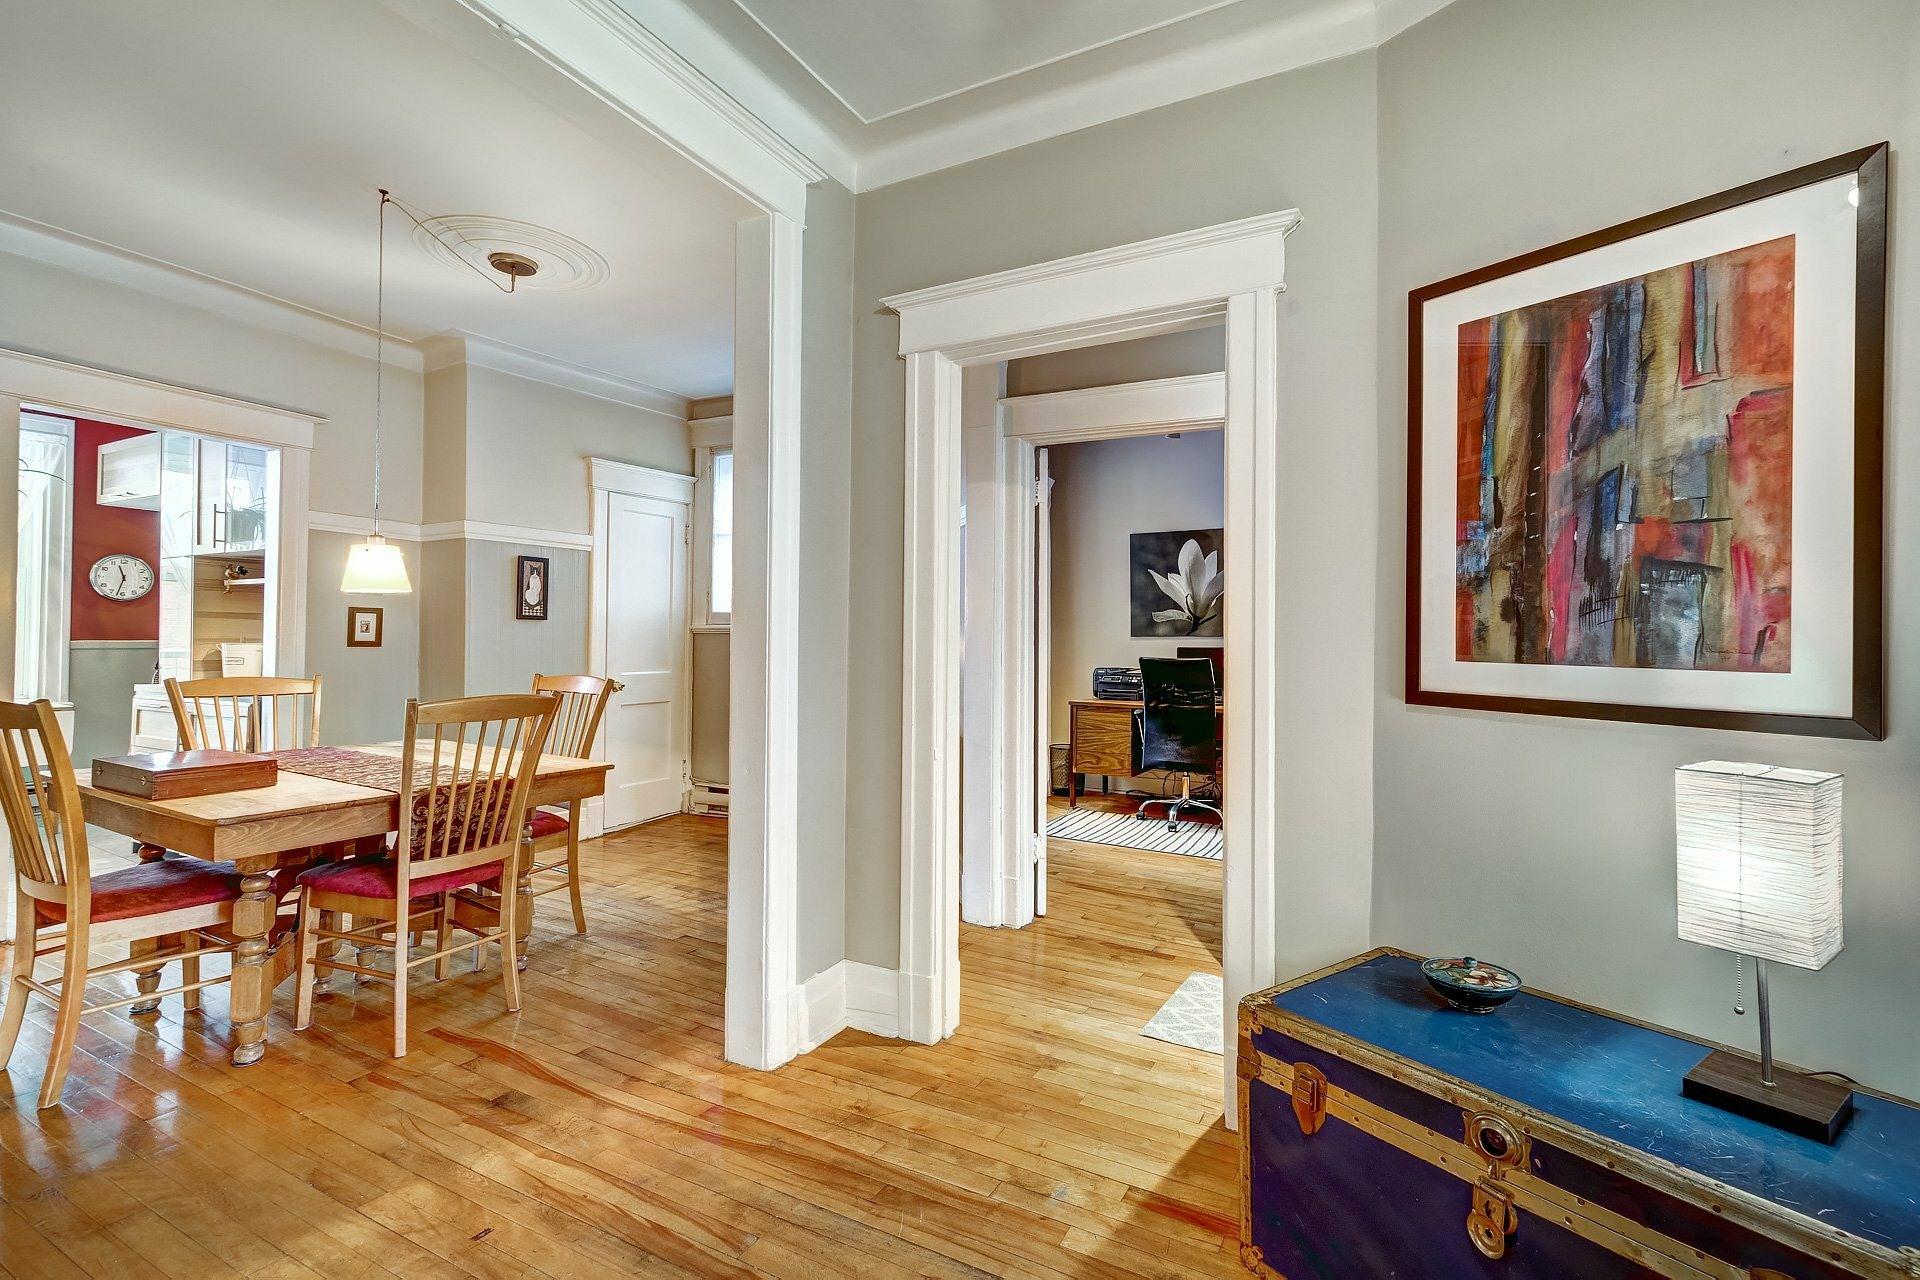 image 15 - Appartement À vendre Rosemont/La Petite-Patrie Montréal  - 7 pièces